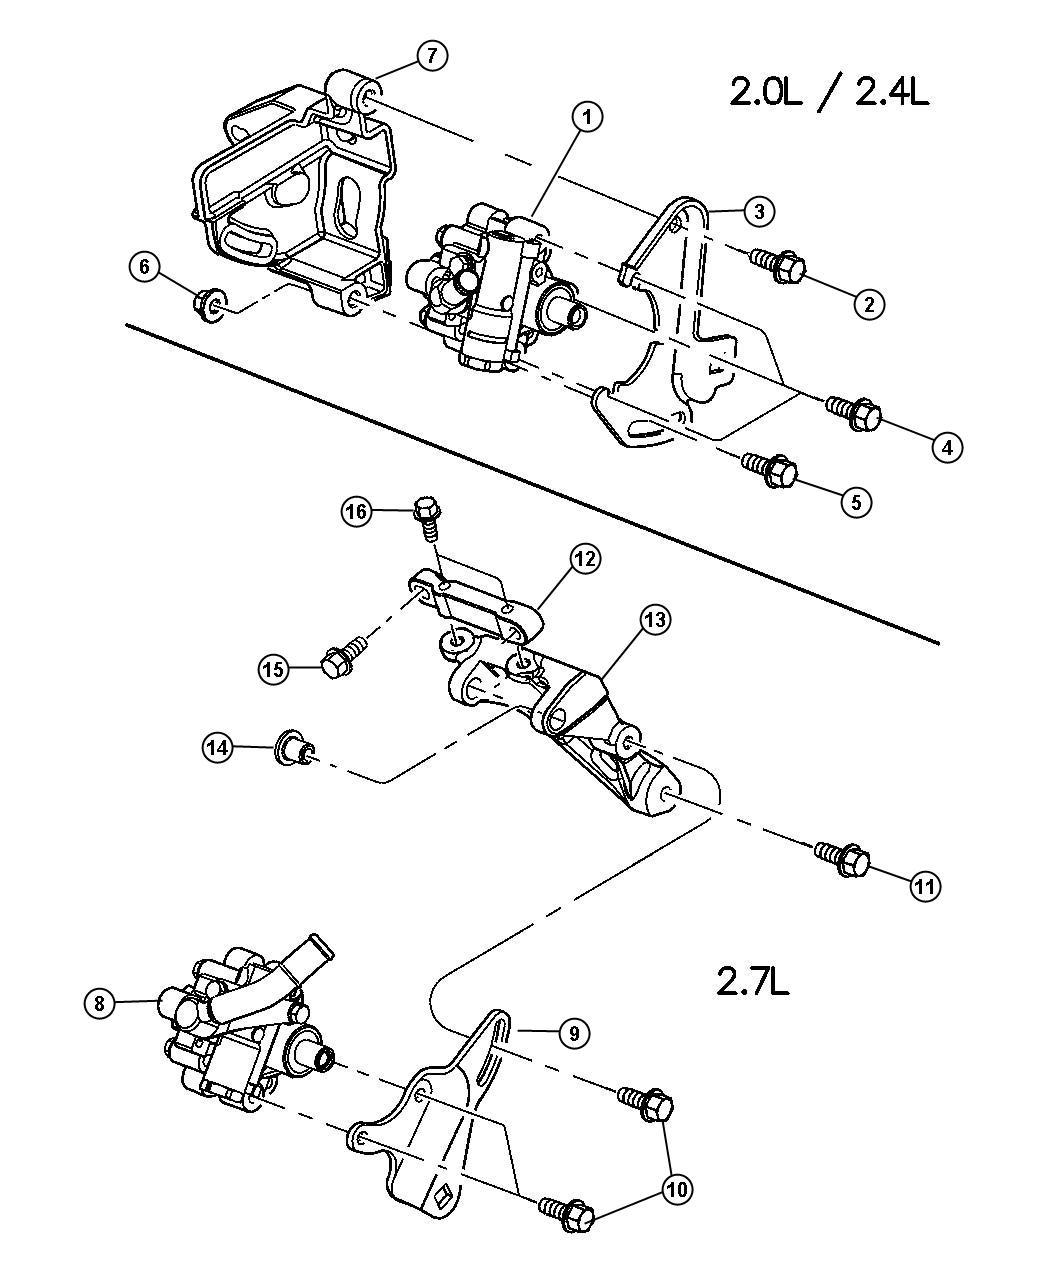 [DIAGRAM] Saturn Vue Power Steering Wiring Diagram FULL